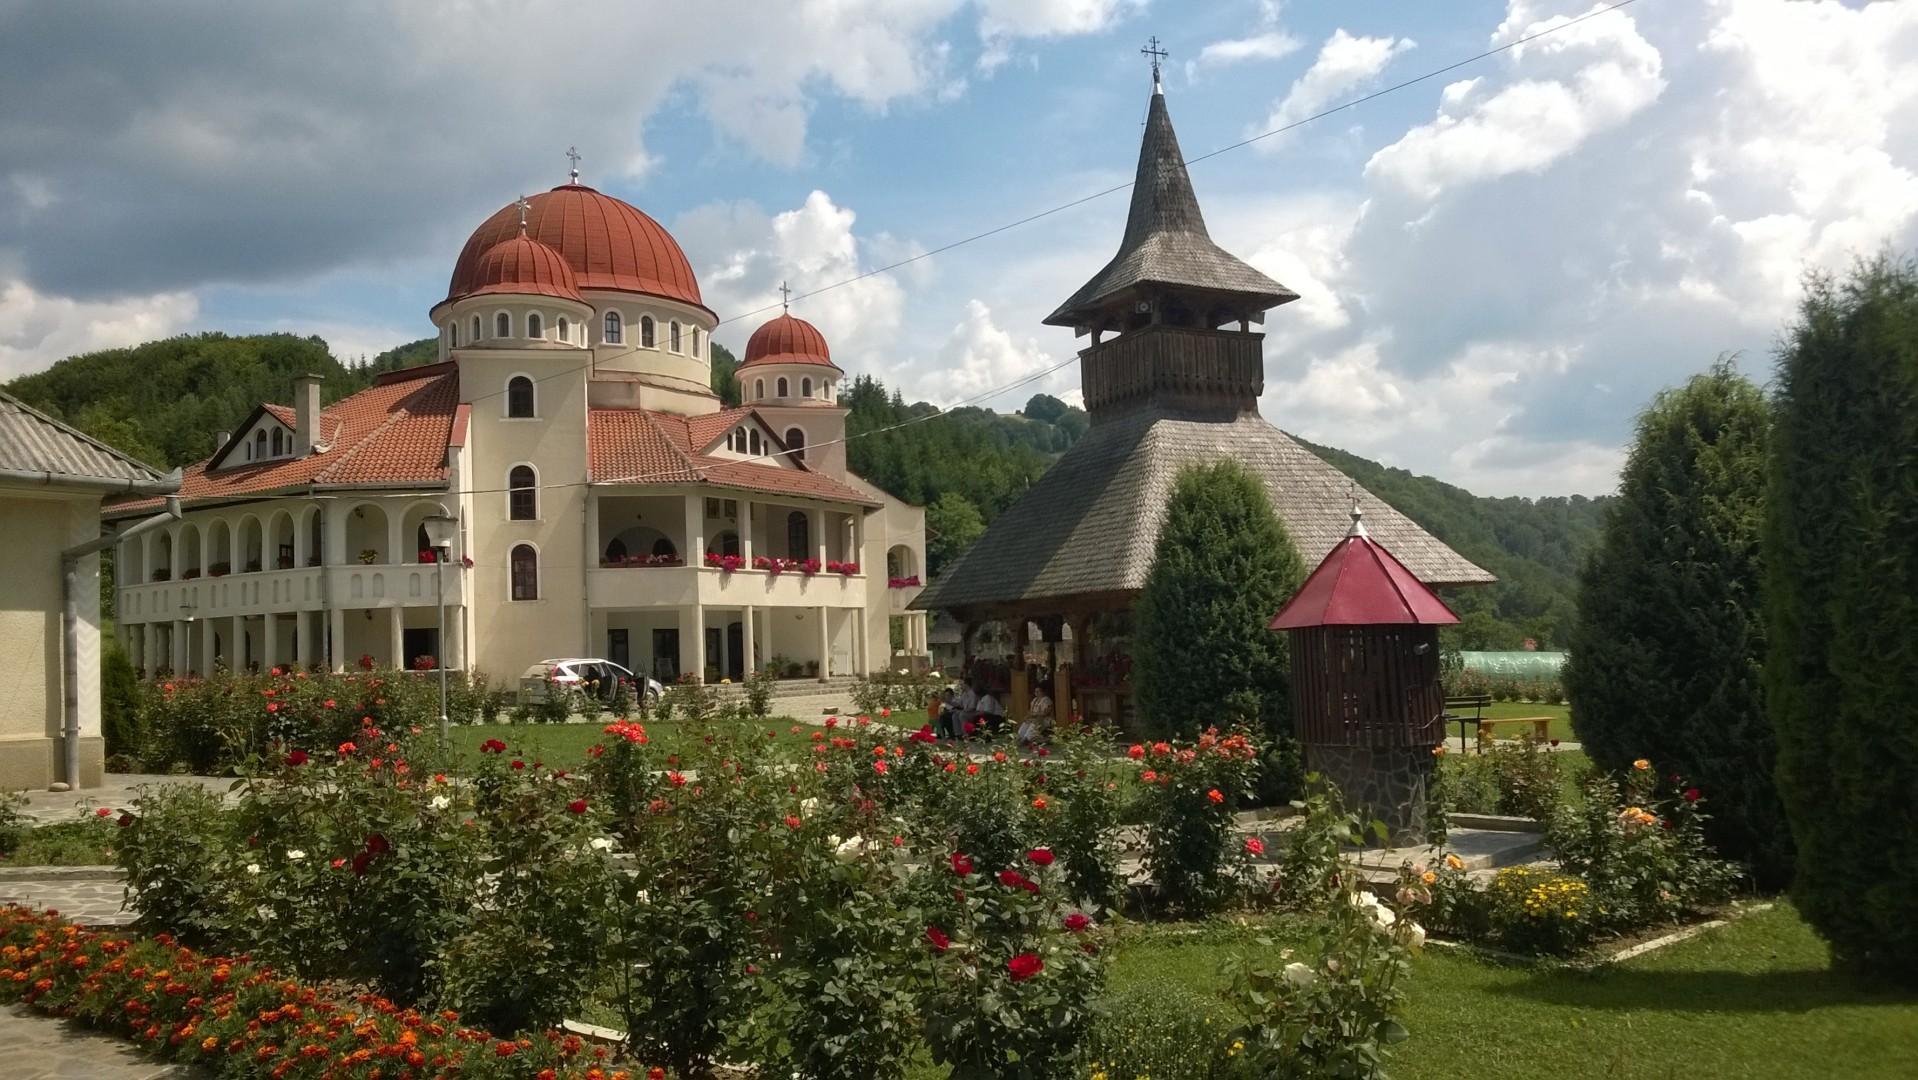 14 septembrie 2018  14 septembrie 2018(vineri), Pelerinaj la MĂNĂSTIREA CĂȘIEL cu ocazia hramului – ÎNĂLȚAREA SFINTEI CRUCI